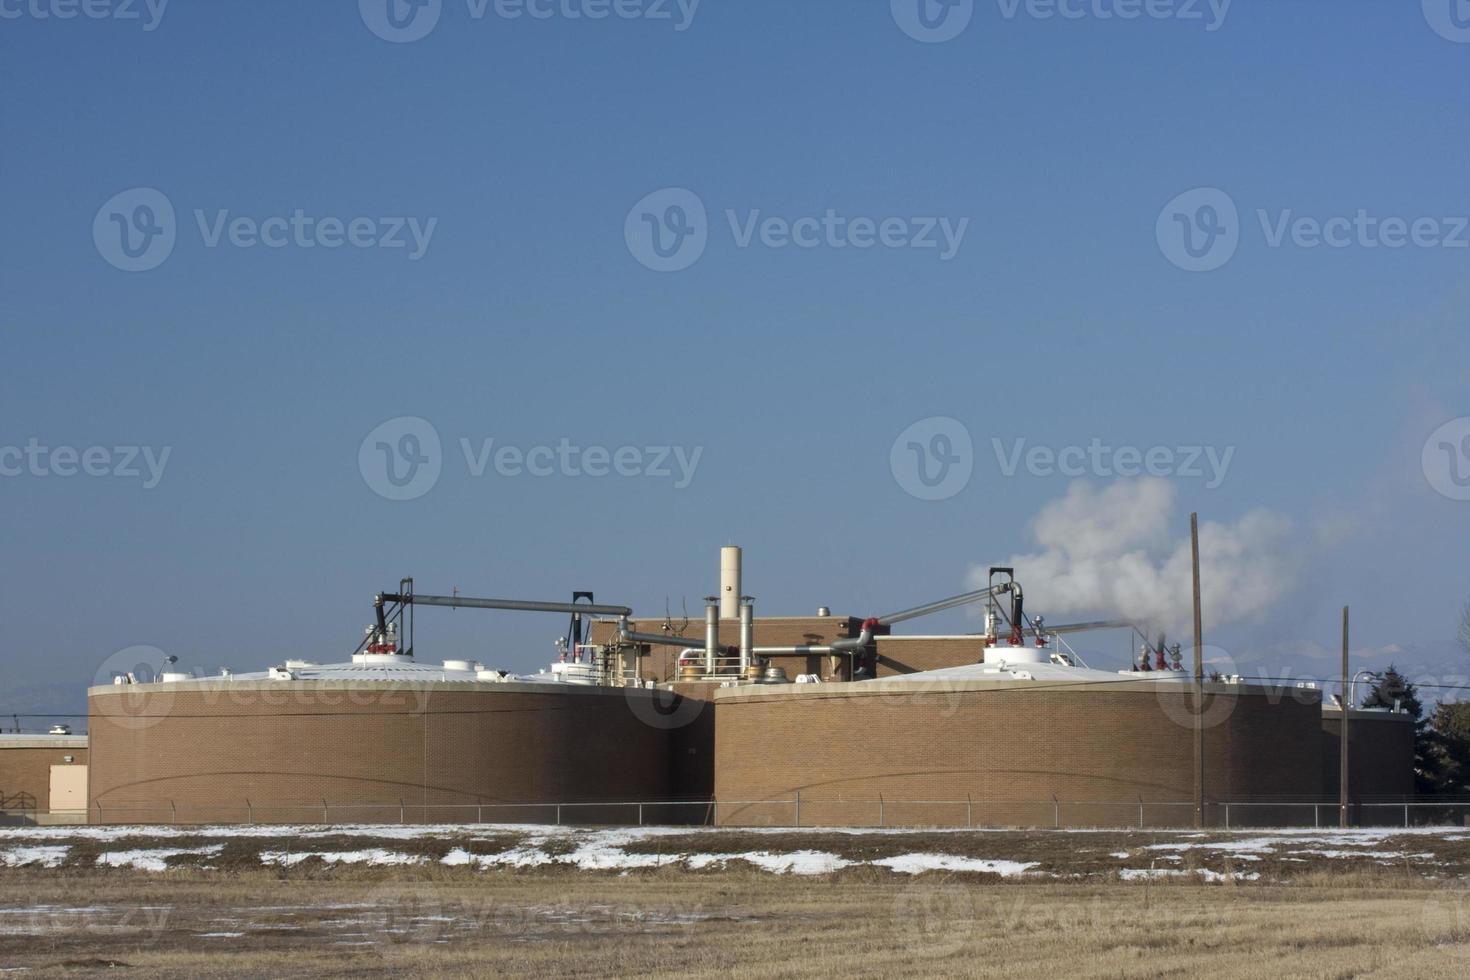 instalación de recuperación de agua contra el cielo azul (copia espacio) foto